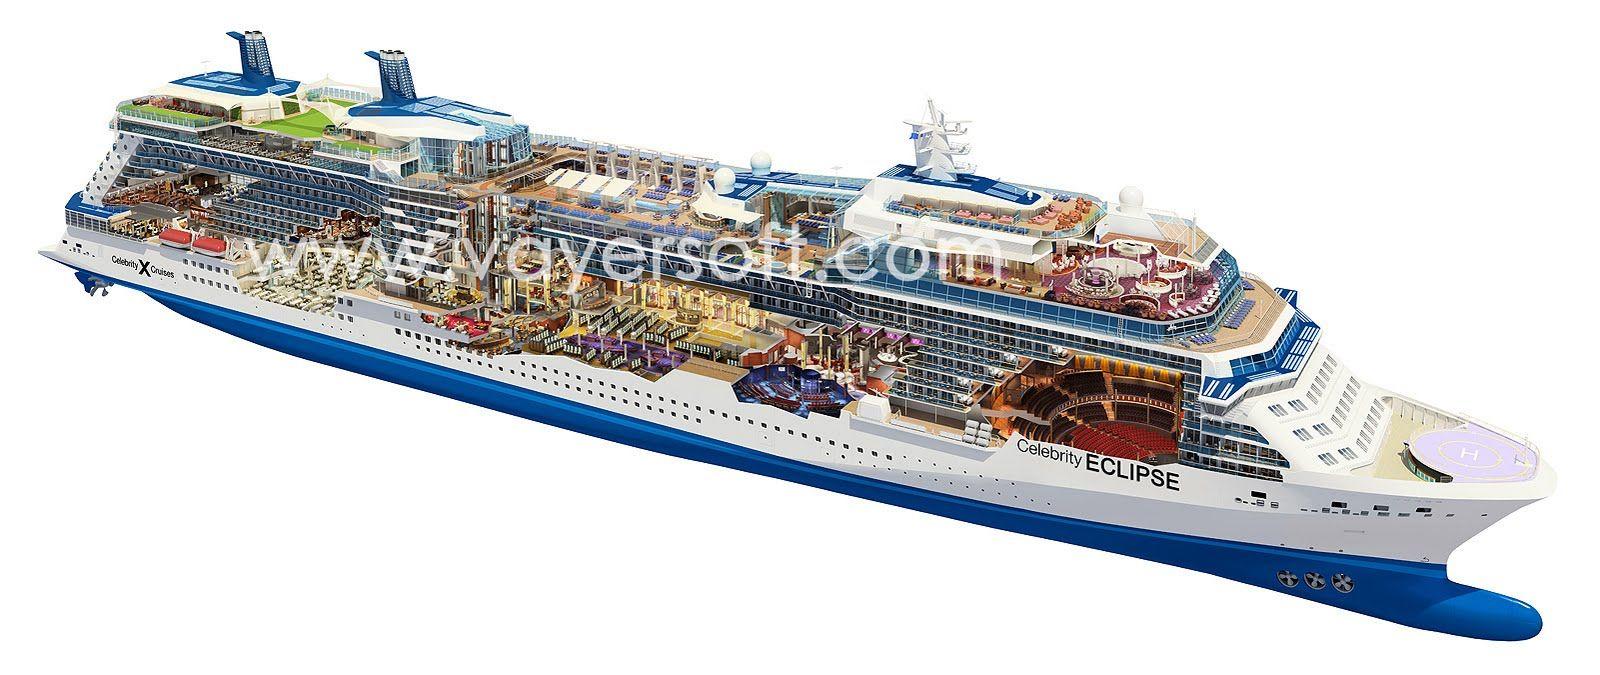 Cruise ship celebrity eclipse cruise ship cutaway vessels cruise ship celebrity eclipse cruise baanklon Choice Image